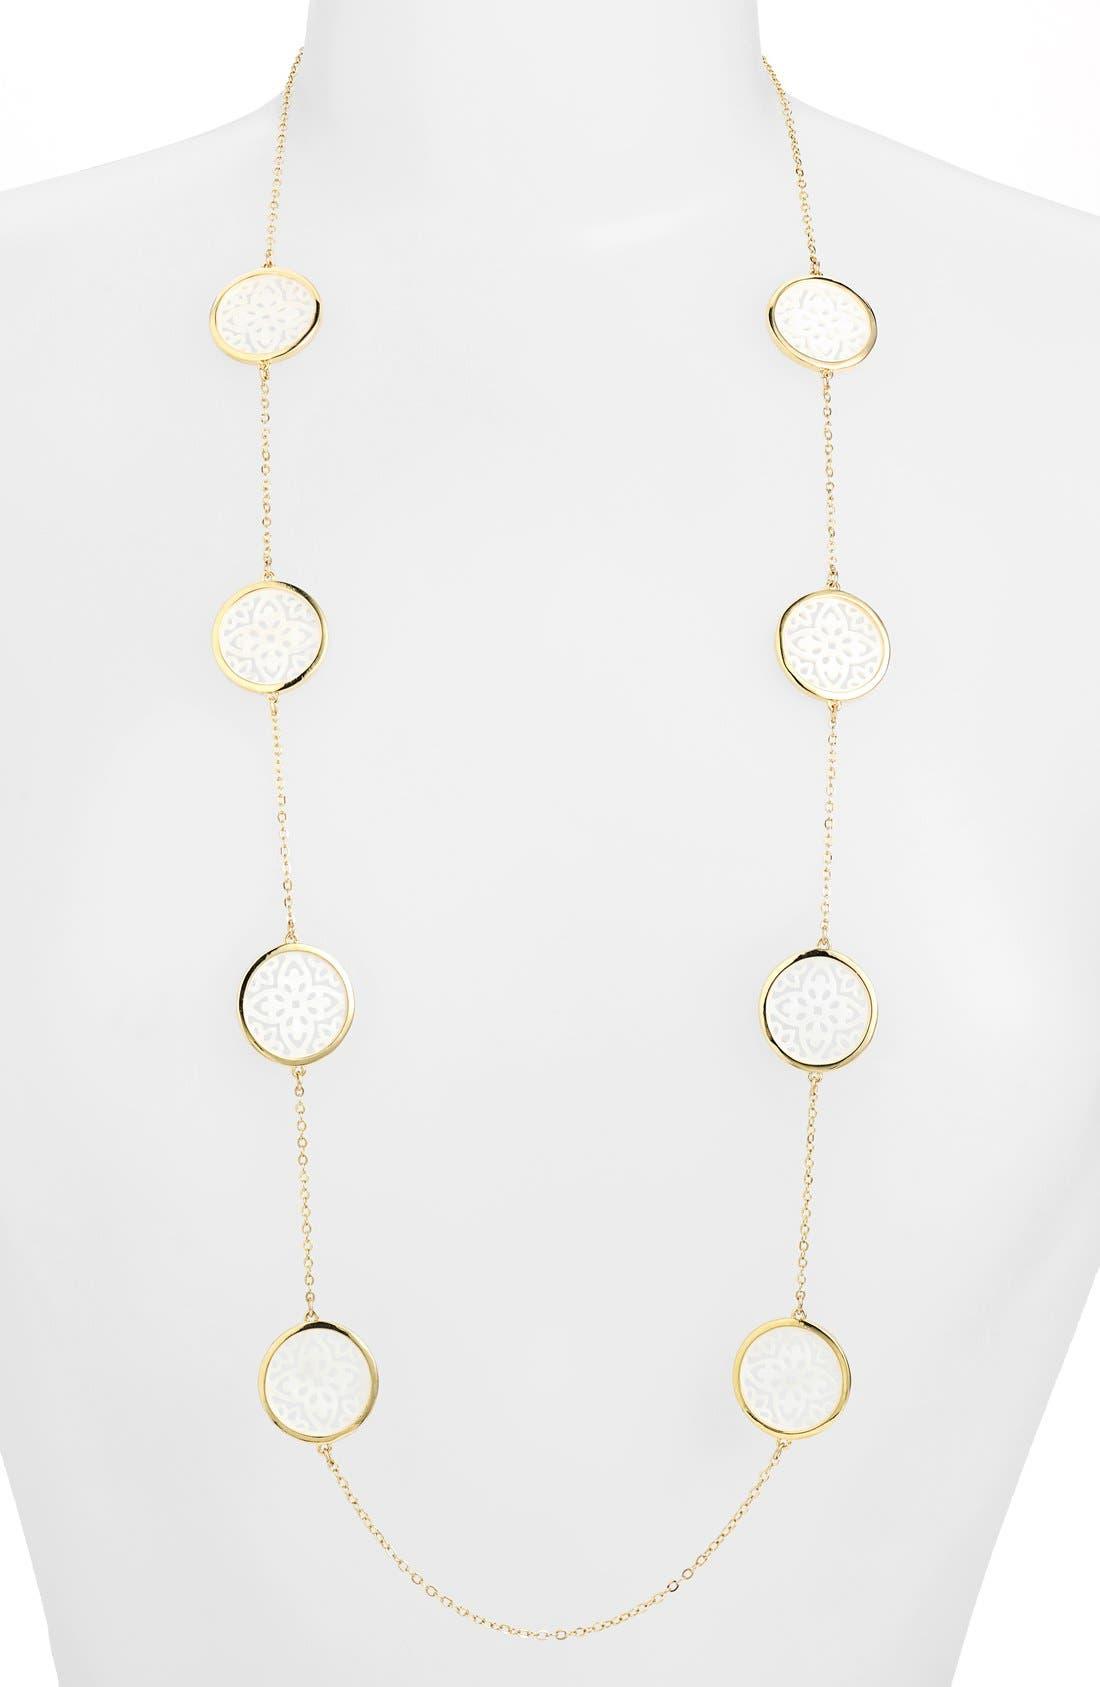 Main Image - Lauren Ralph Lauren Long Illusion Necklace